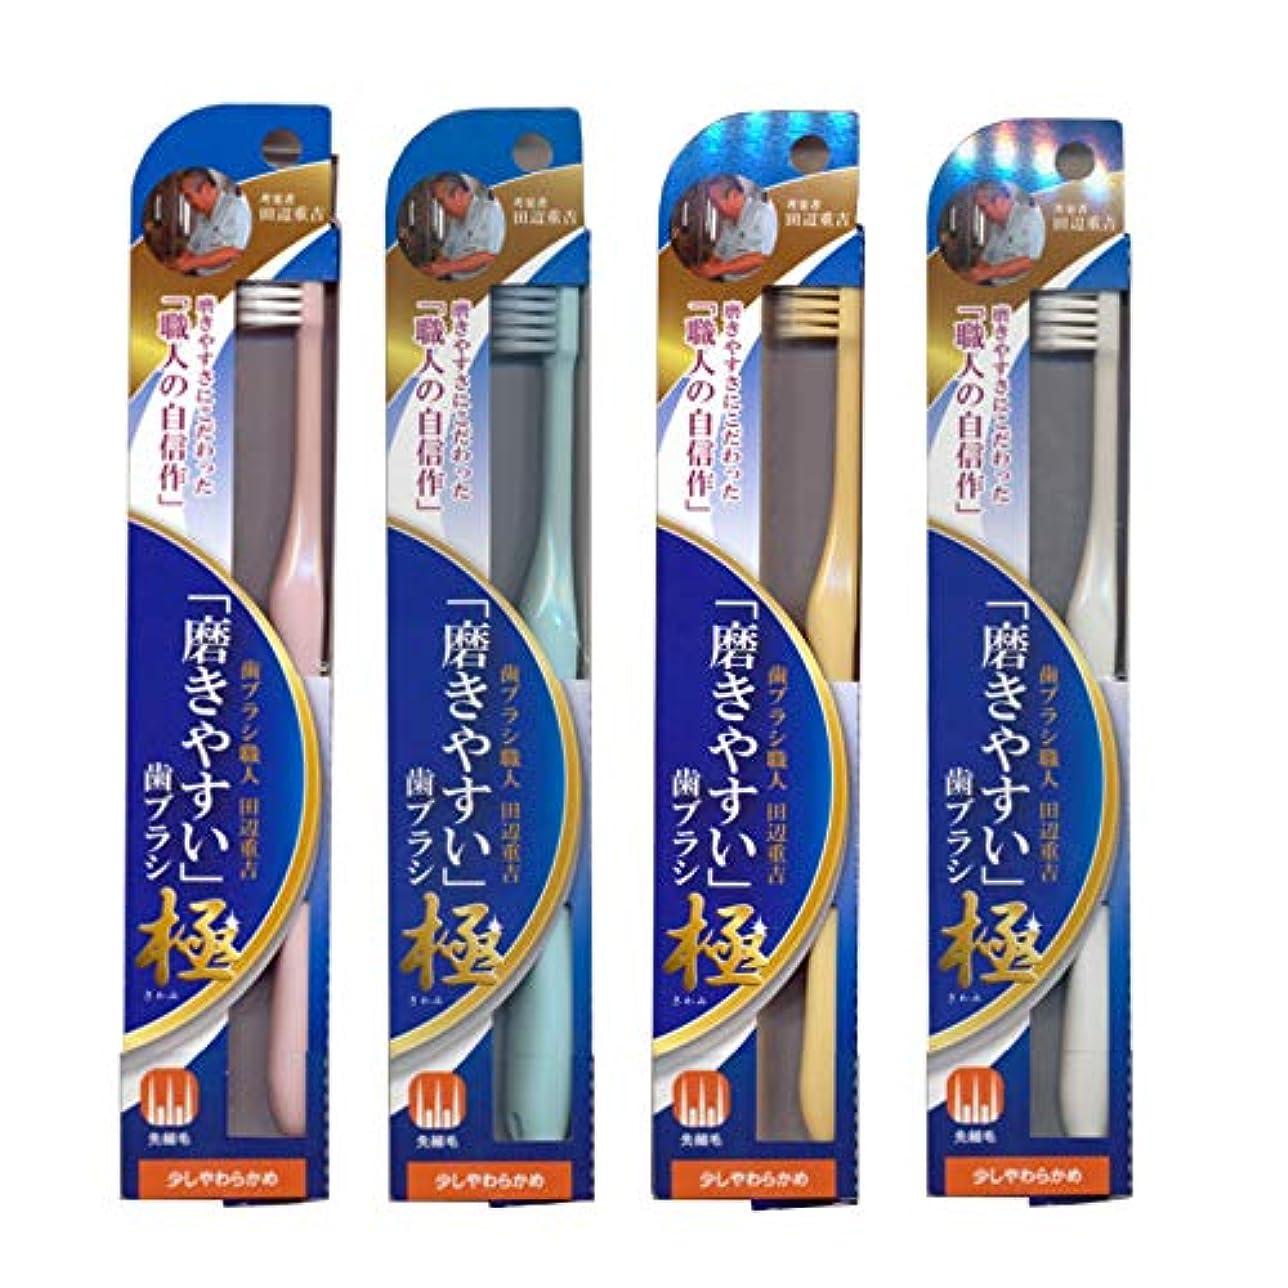 ドロー些細な単位磨きやすい歯ブラシ極 (少し柔らかめ) LT-43×4本セット(ピンク×1、ブルー×1、ホワイト×1、イエロー×1) 先細毛